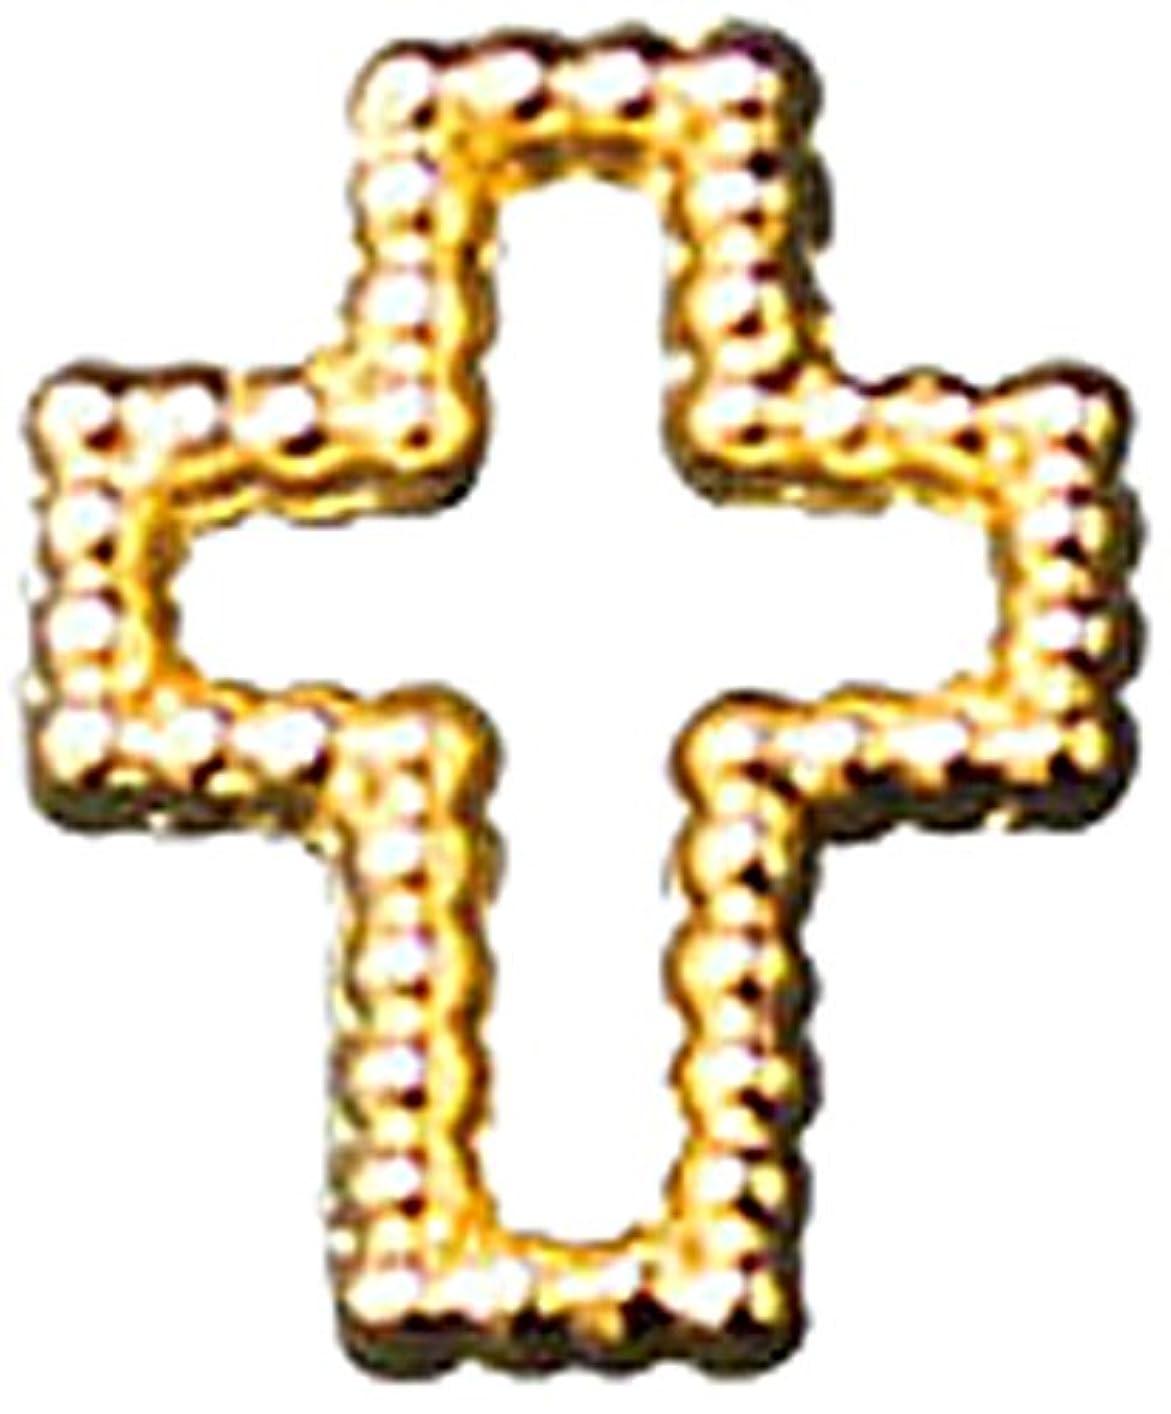 花火バラエティ真珠のようなプリティーネイル ネイルアートパーツ ブリオンクロス2 S ゴールド 15個